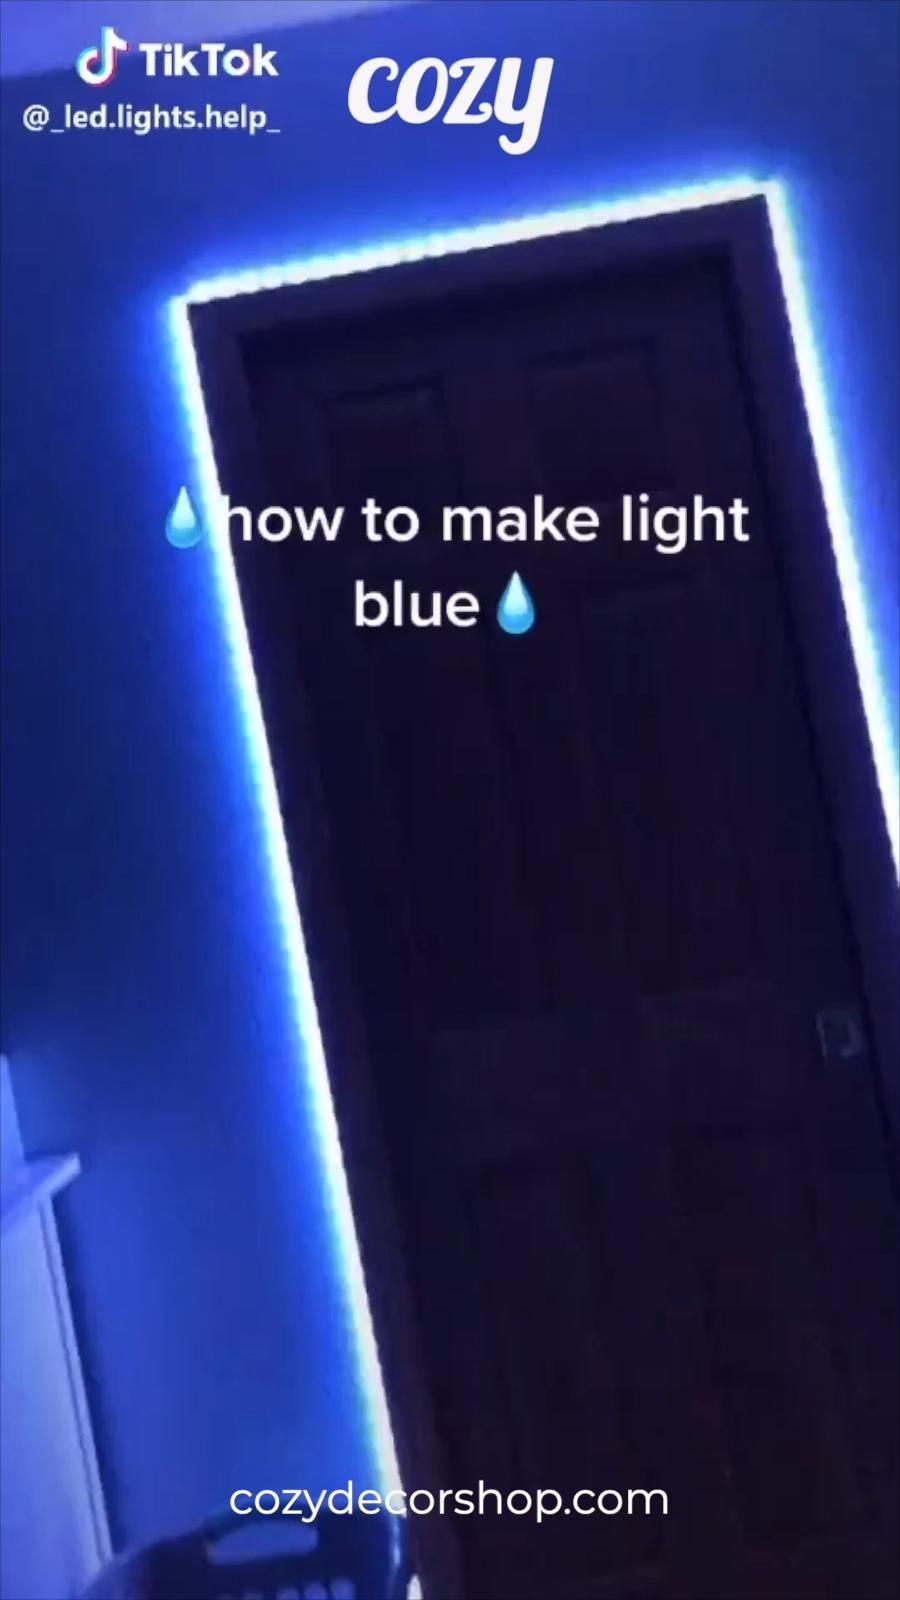 How To Make Light Blue Tiktok Led Lights Video How To Make Light Led Lights Led Lighting Diy